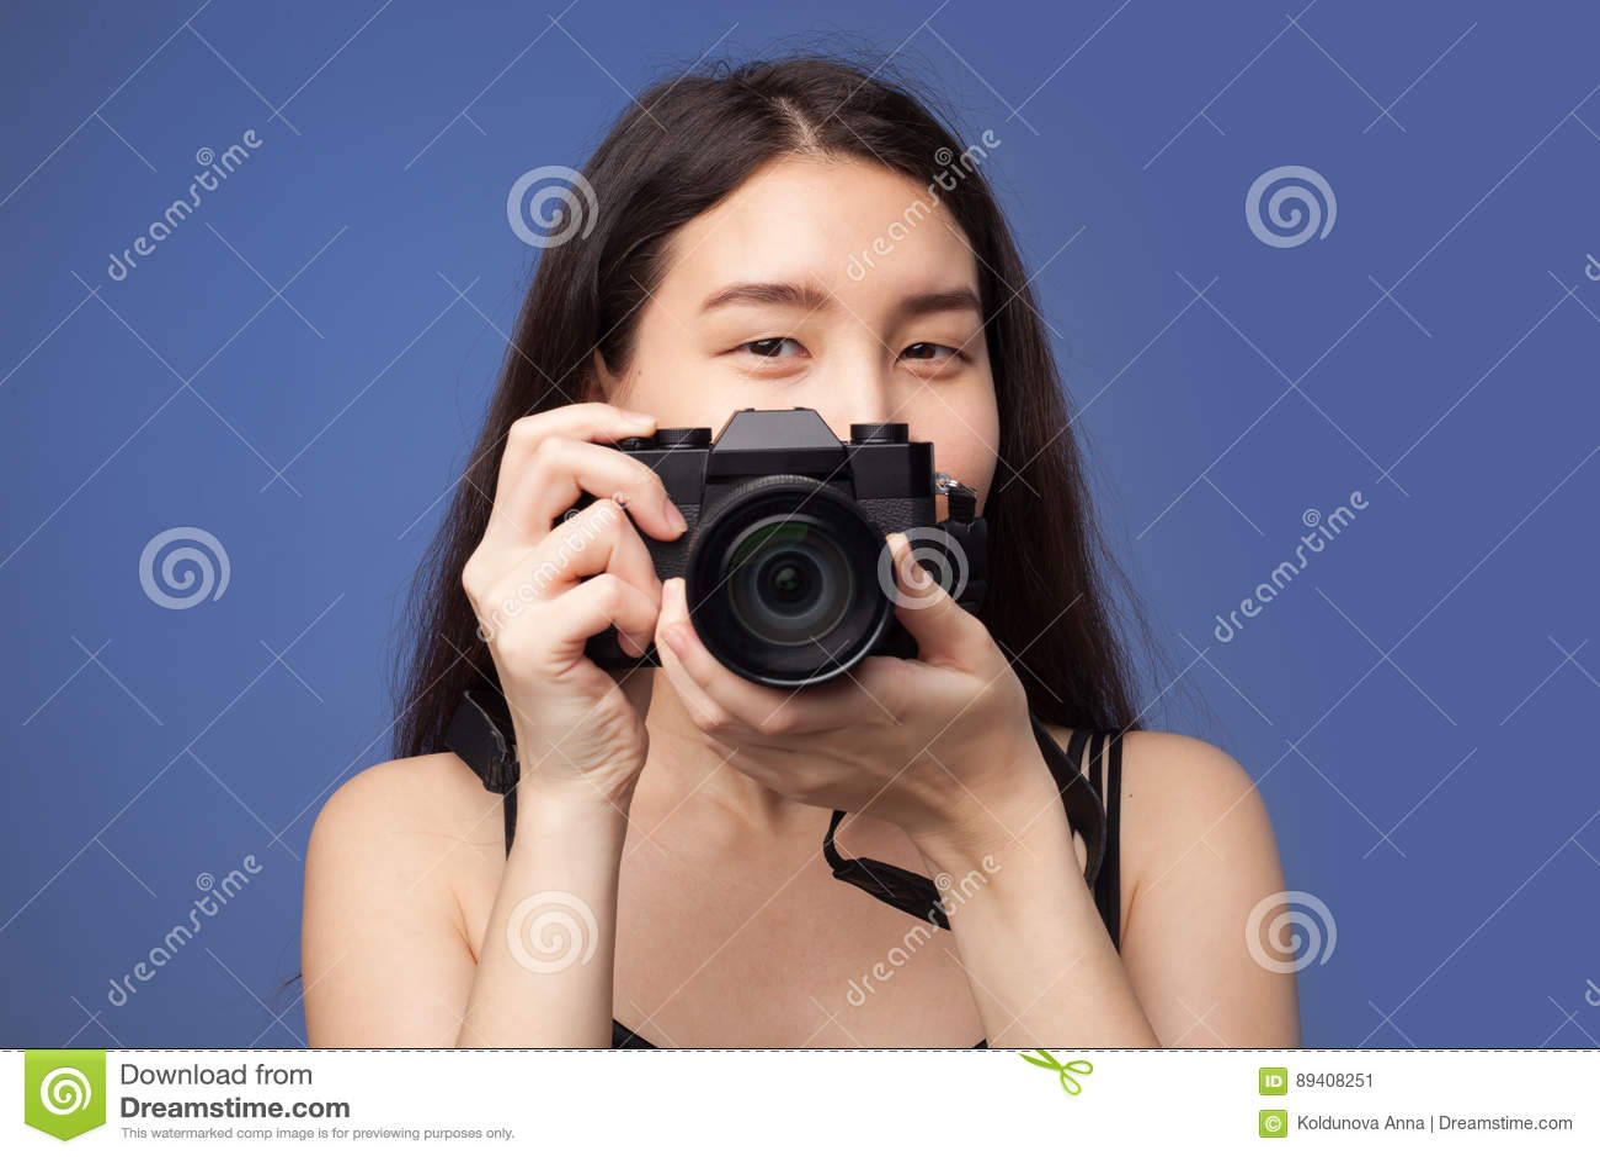 Passatempo para fazer fotos